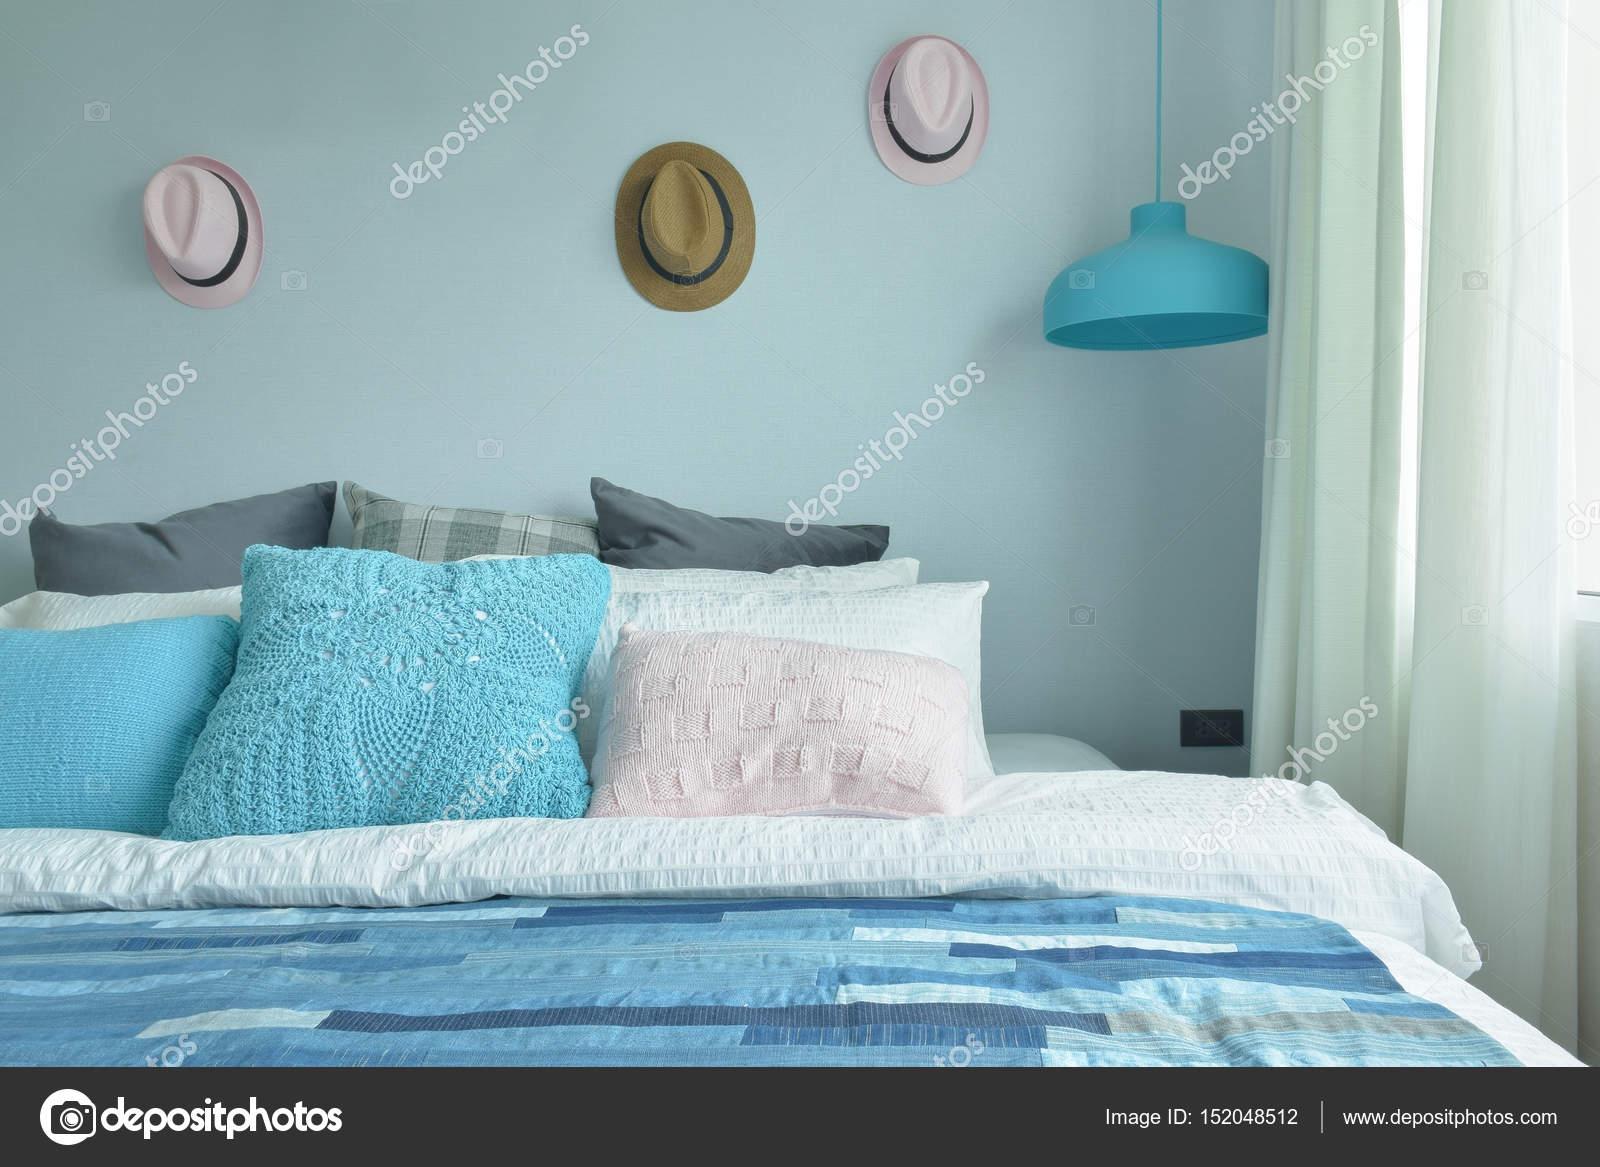 licht blauw roze en grijze kussens op bed met blauwe toon slaapkamer stockfoto